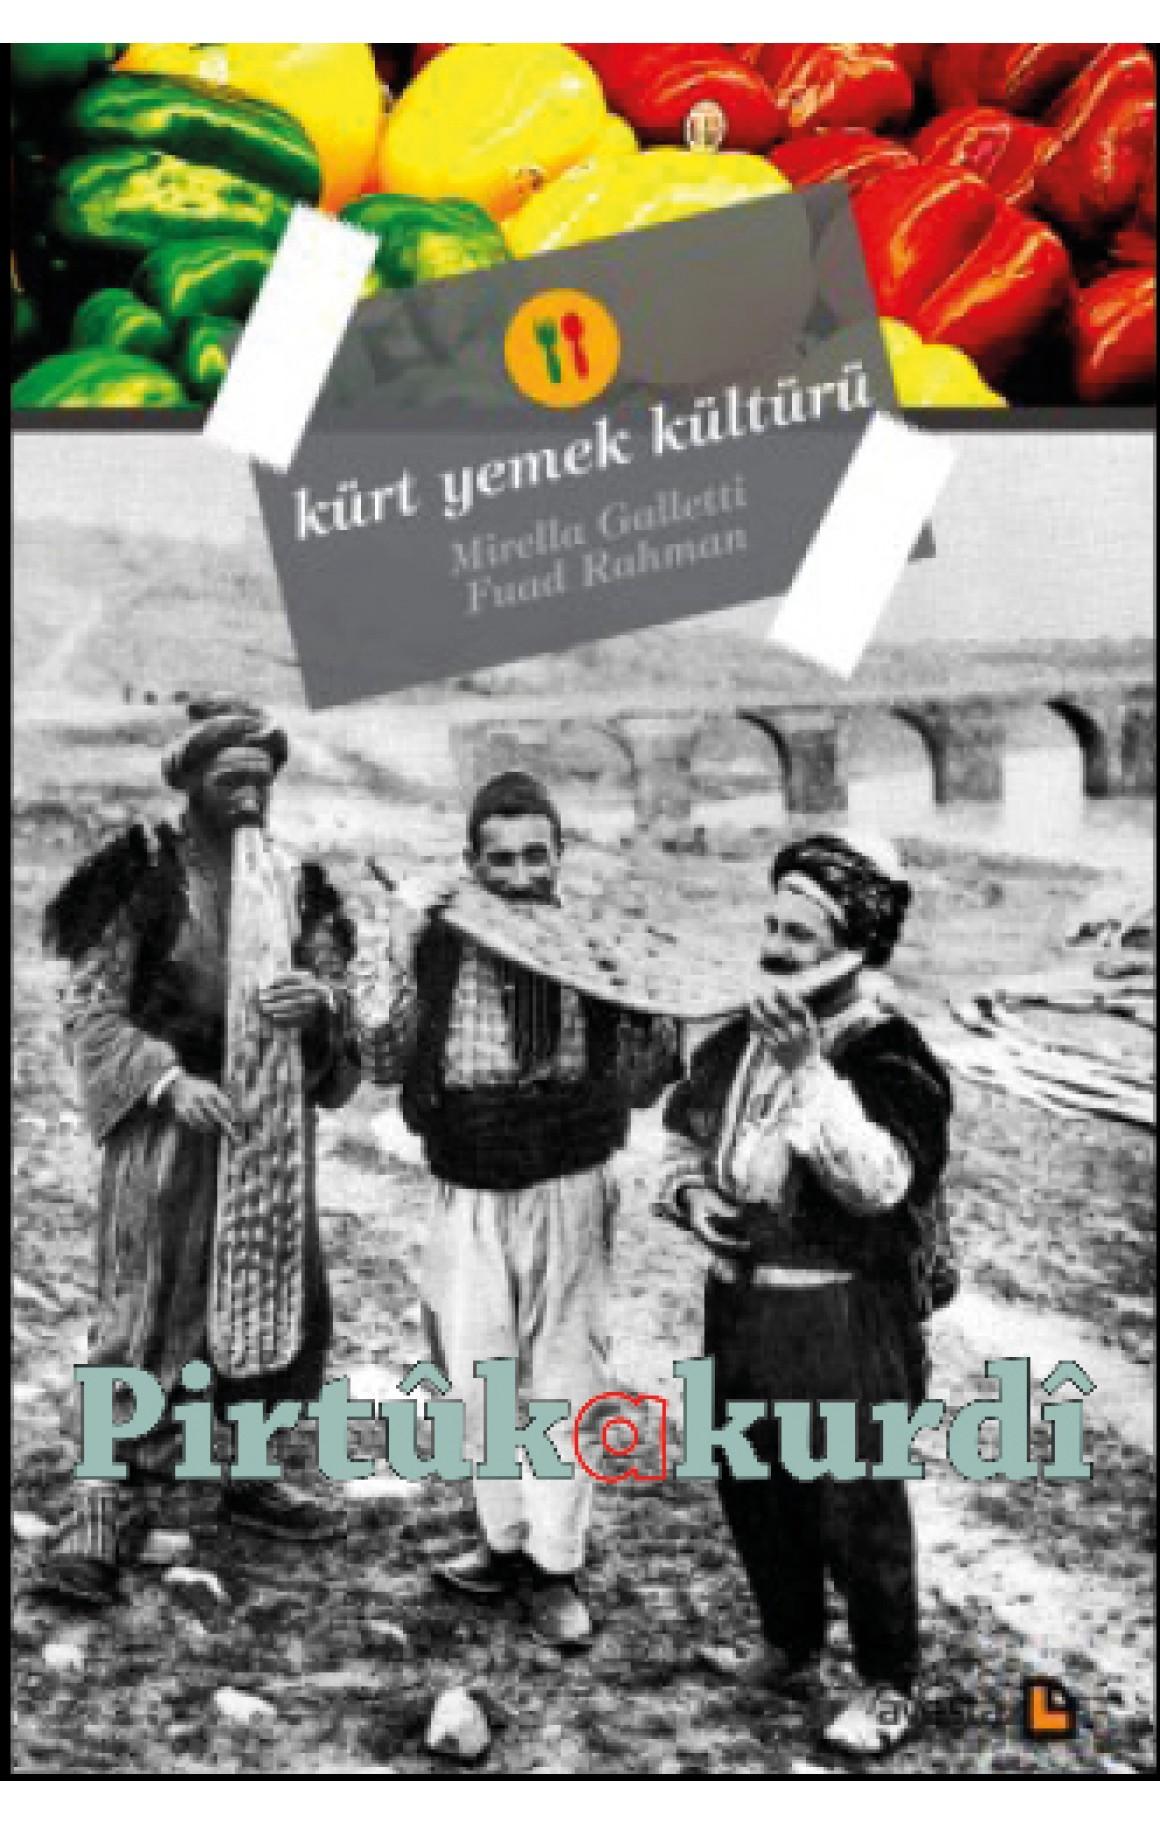 Kürt Yemek Kültürü